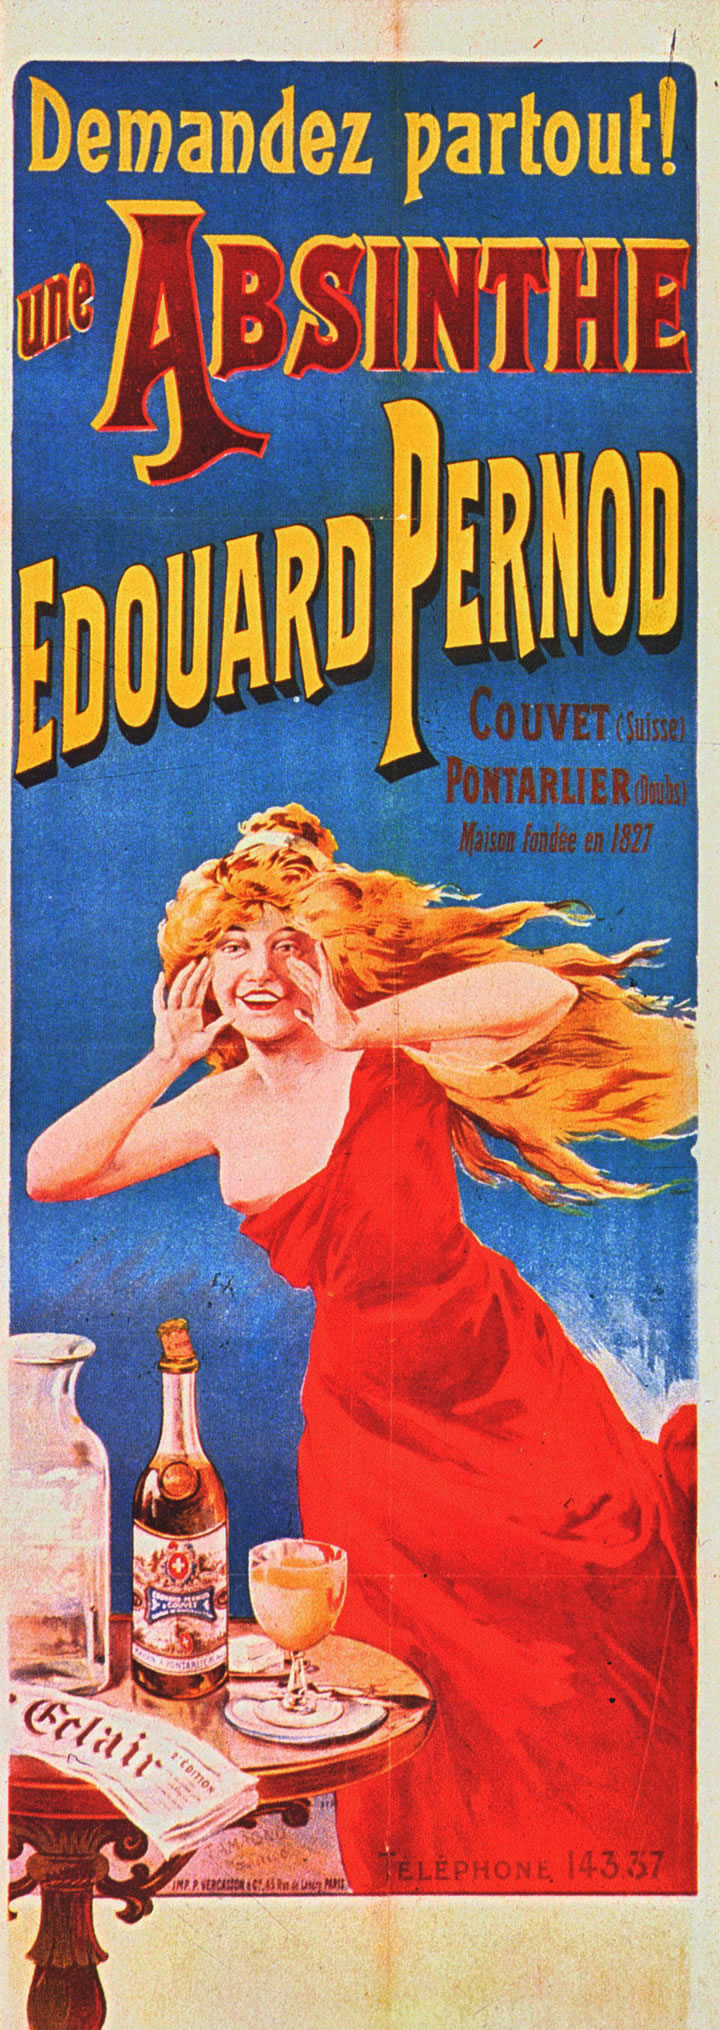 vieilles-affiches-publicitaires-1840-1970-olybop-64